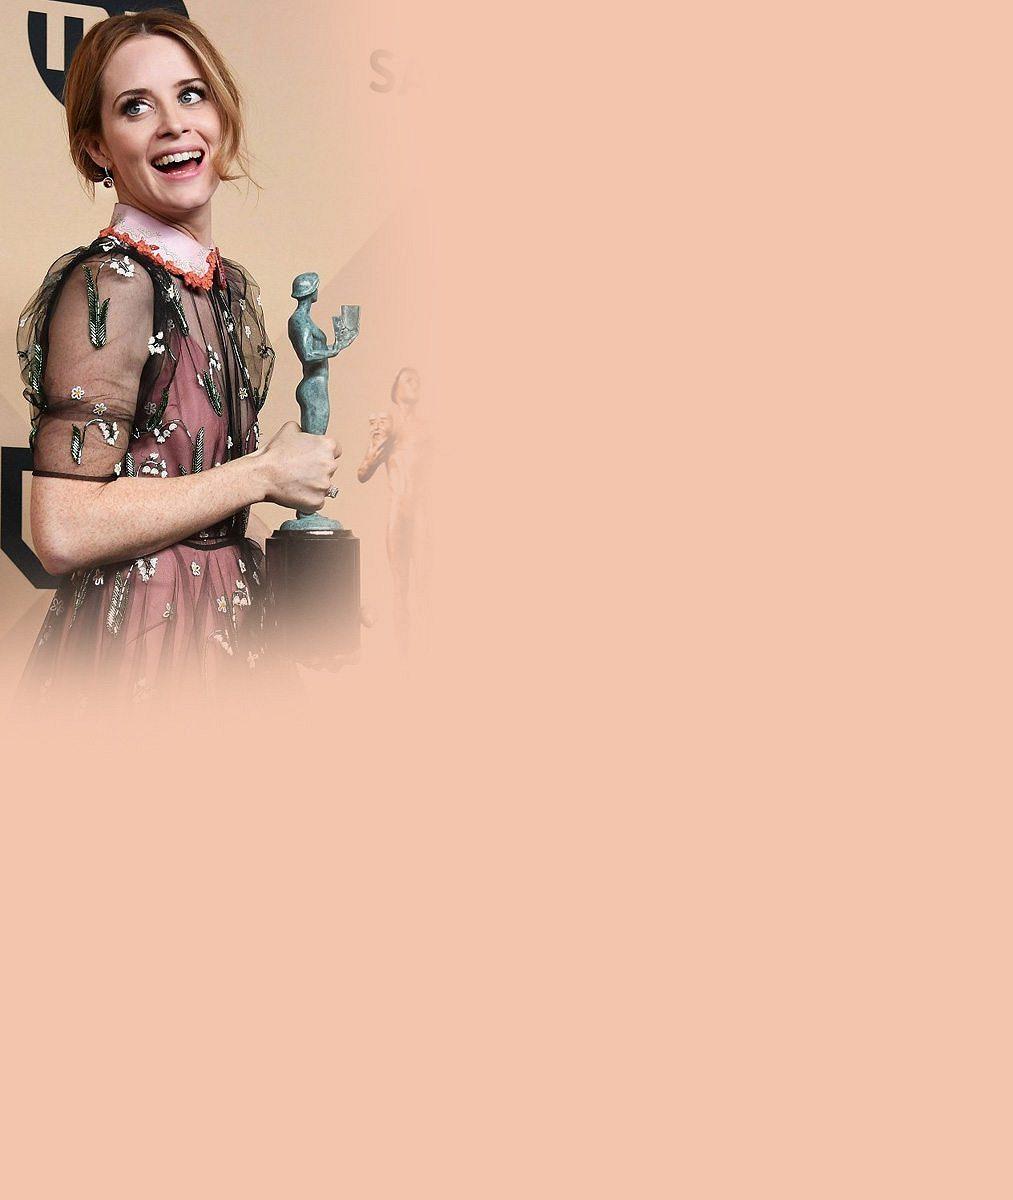 Móda na akci plné hereckých hvězd: Šaty s papouškem, cudná nahota i dokonale ukryté těhotenství